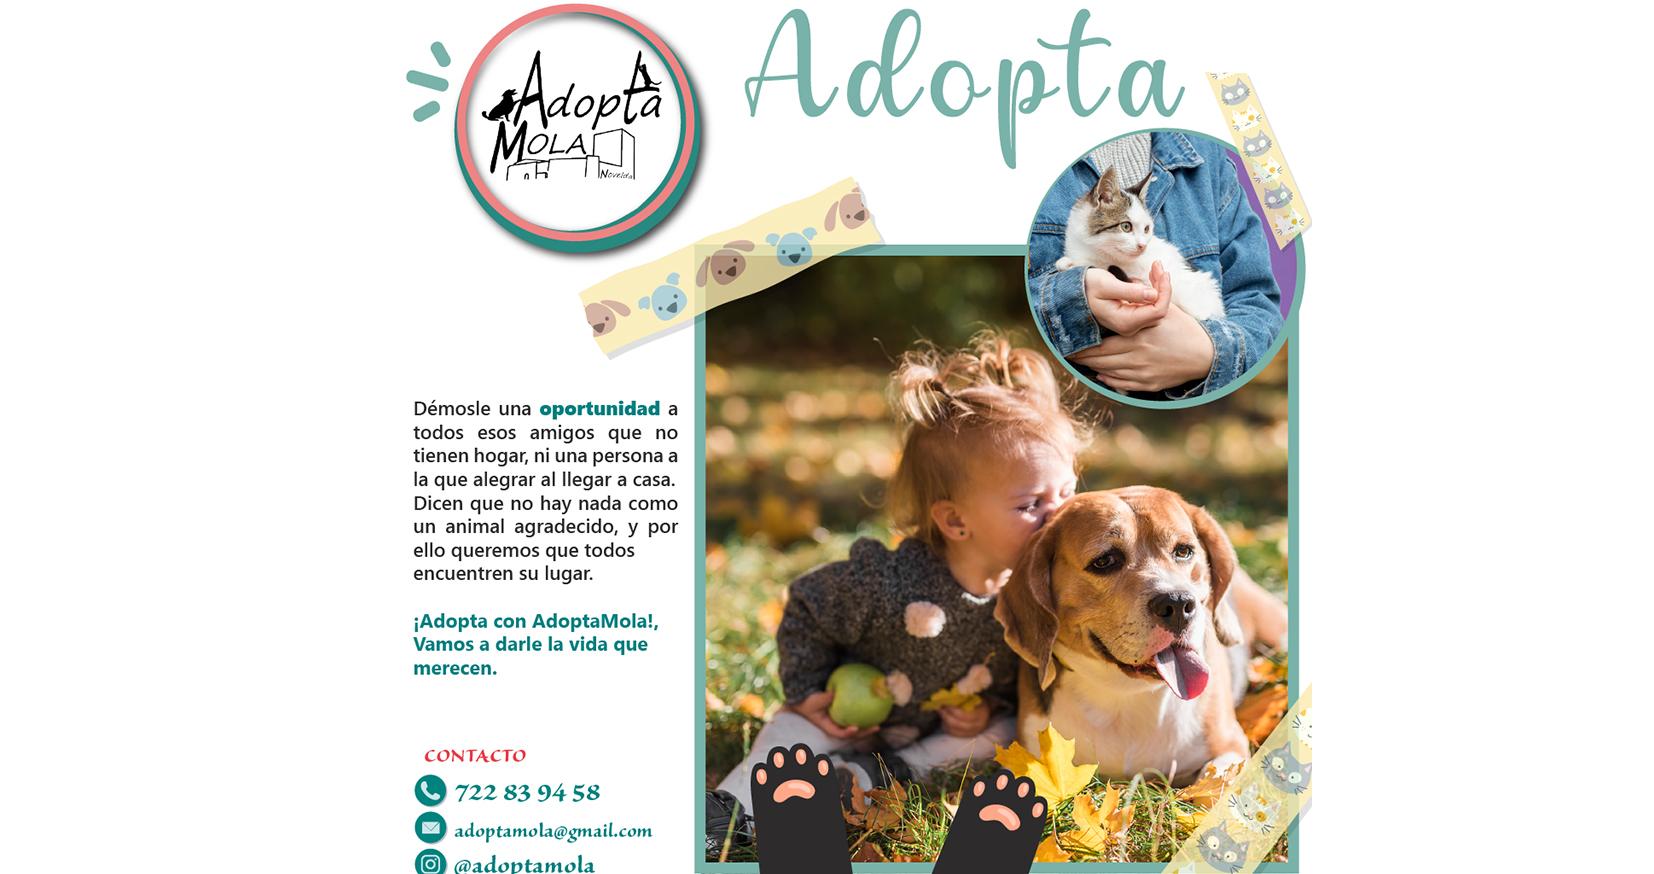 AdoptaMola presenta la campaña Adopta para darle a los animales la vida que merecen